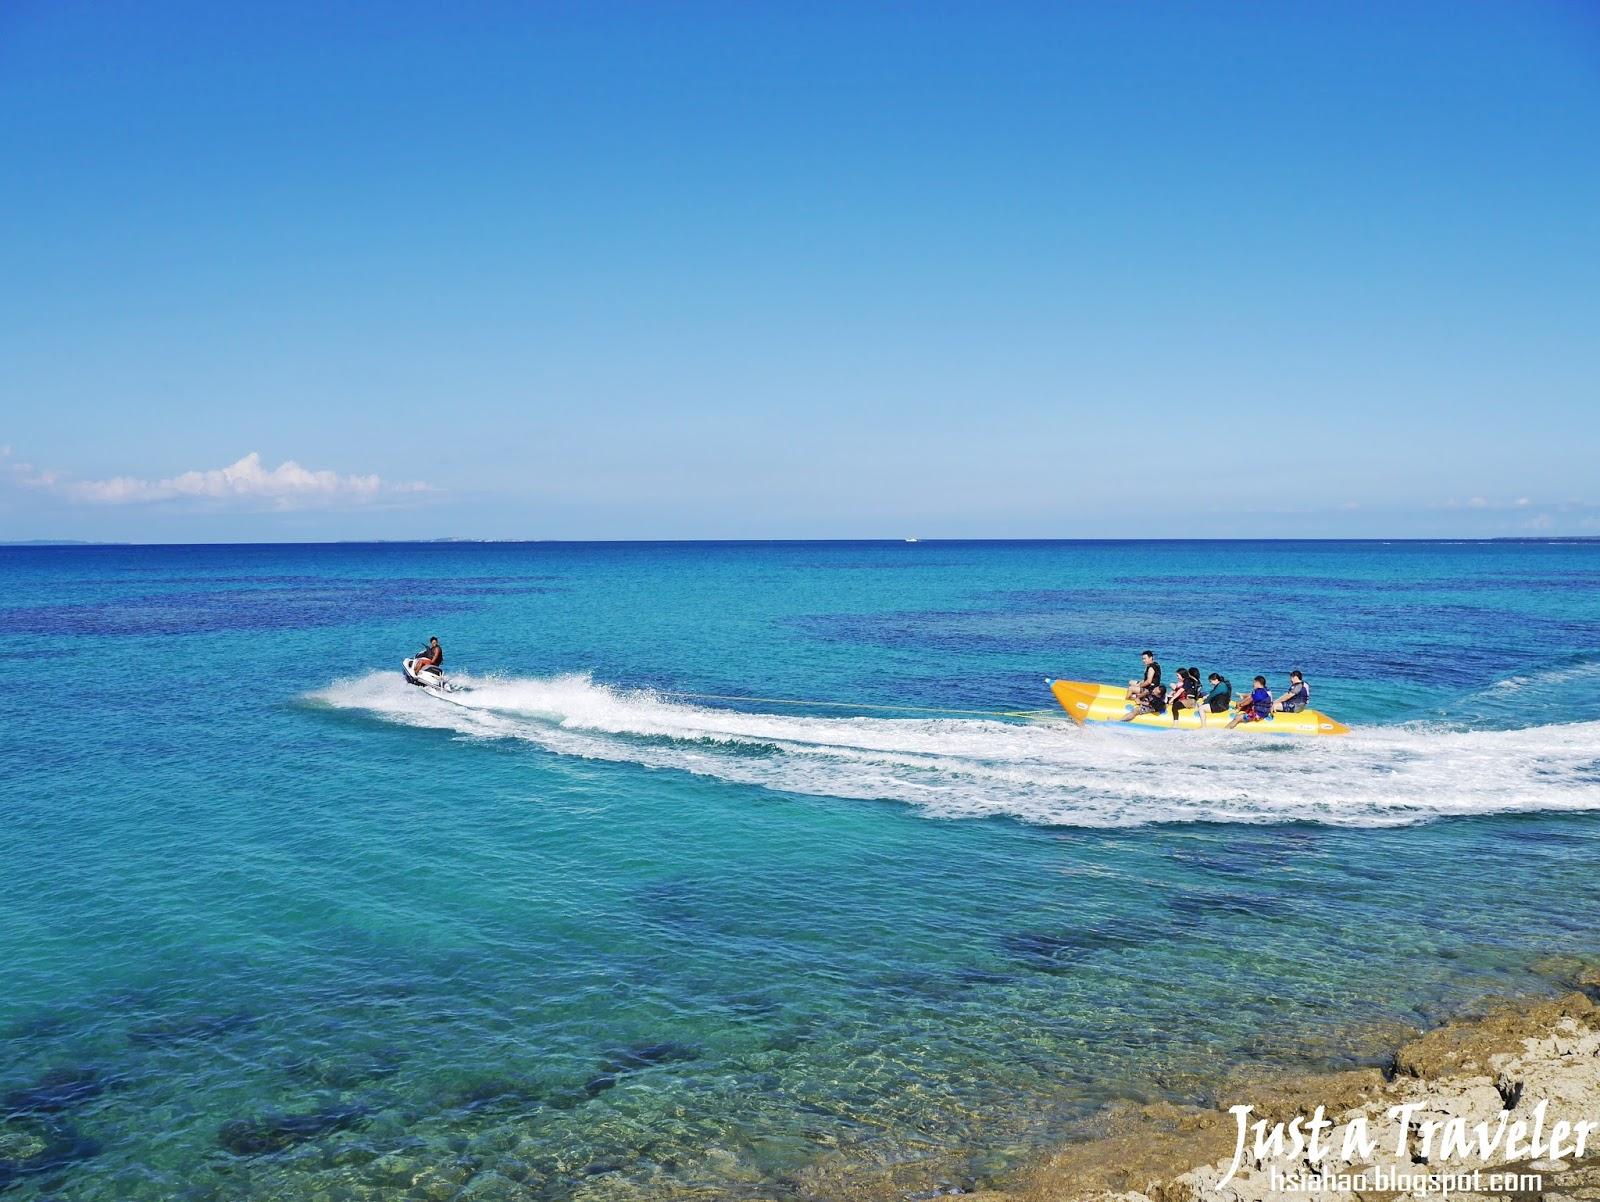 沖繩-海灘-推薦-安座真SanSan海灘-Azama-Sansan-Beach-あざまサンサンビーチ-Okinawa-beach-recommendation